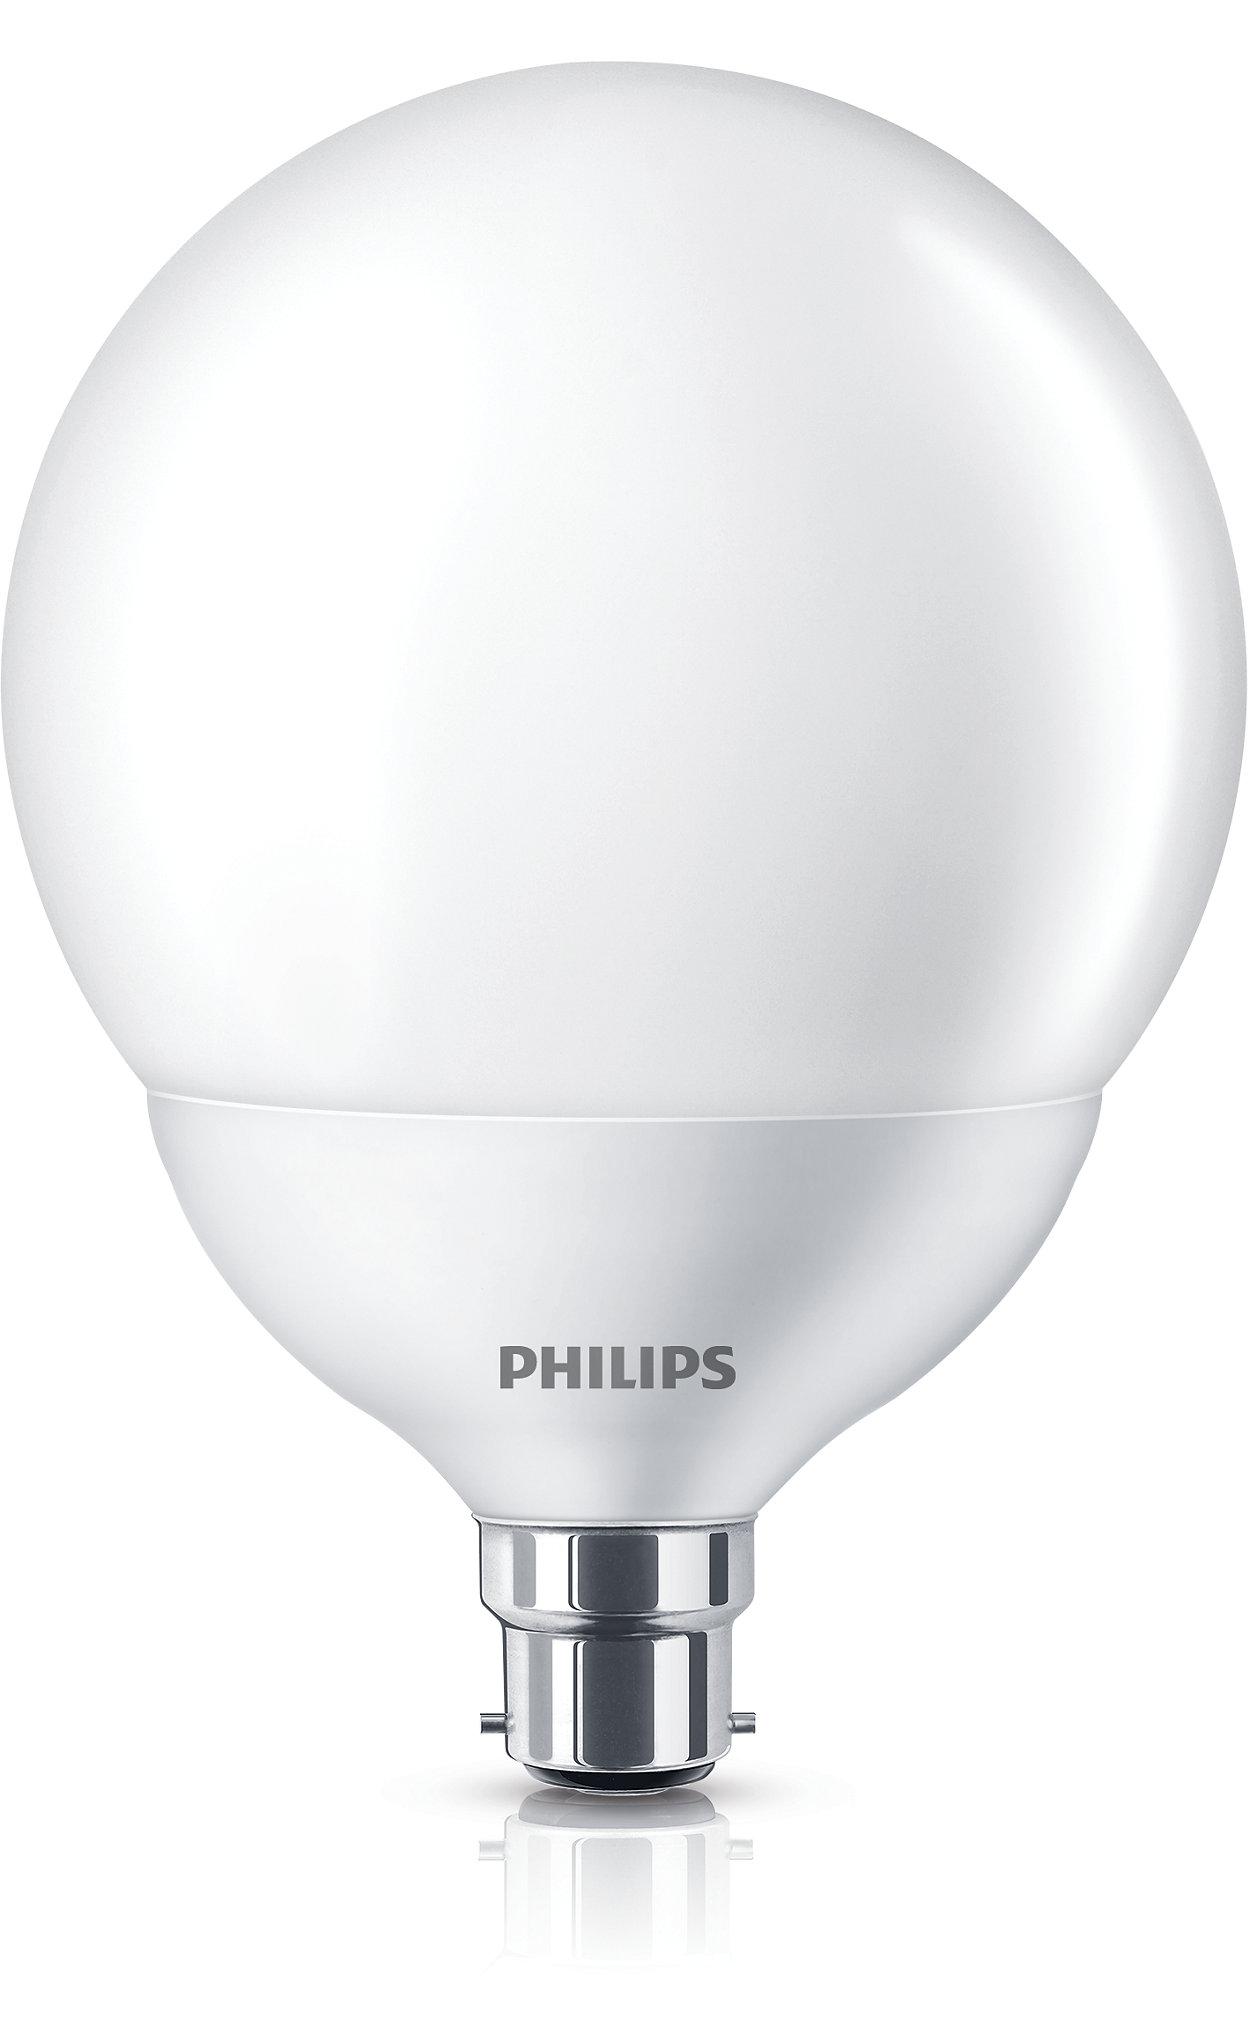 完美持久 LED 燈